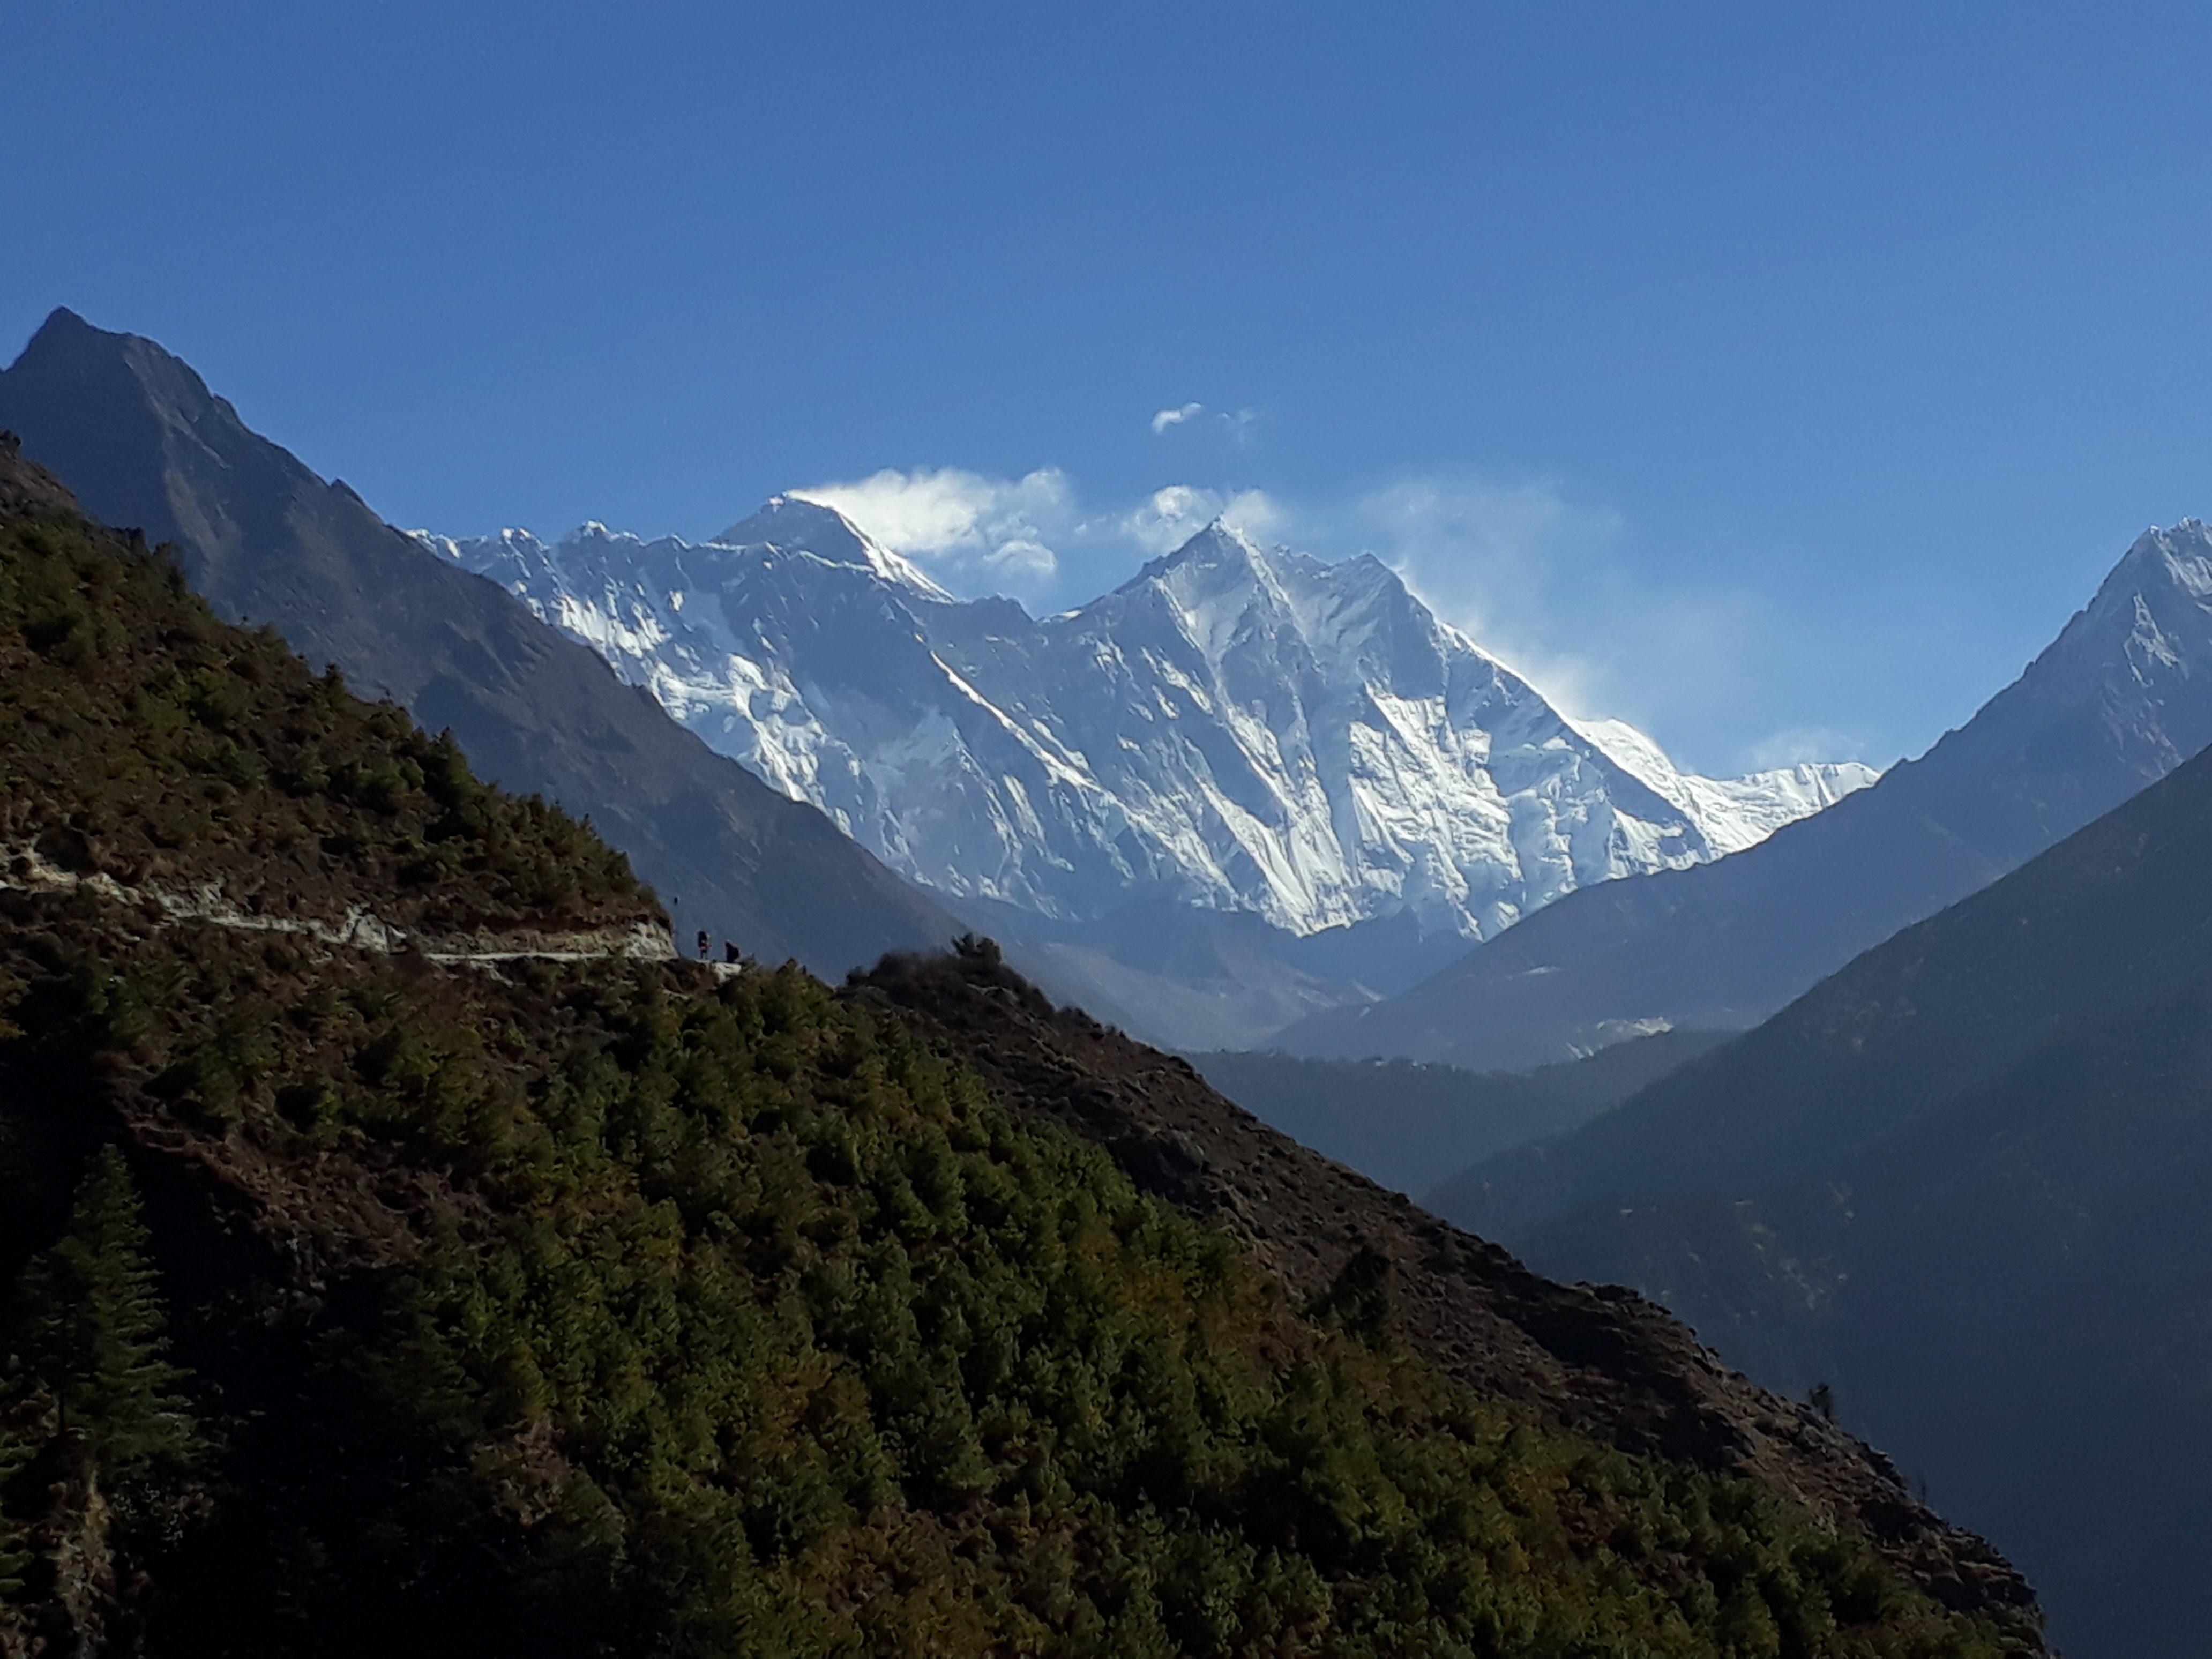 Everest base camp on a budget - Everest